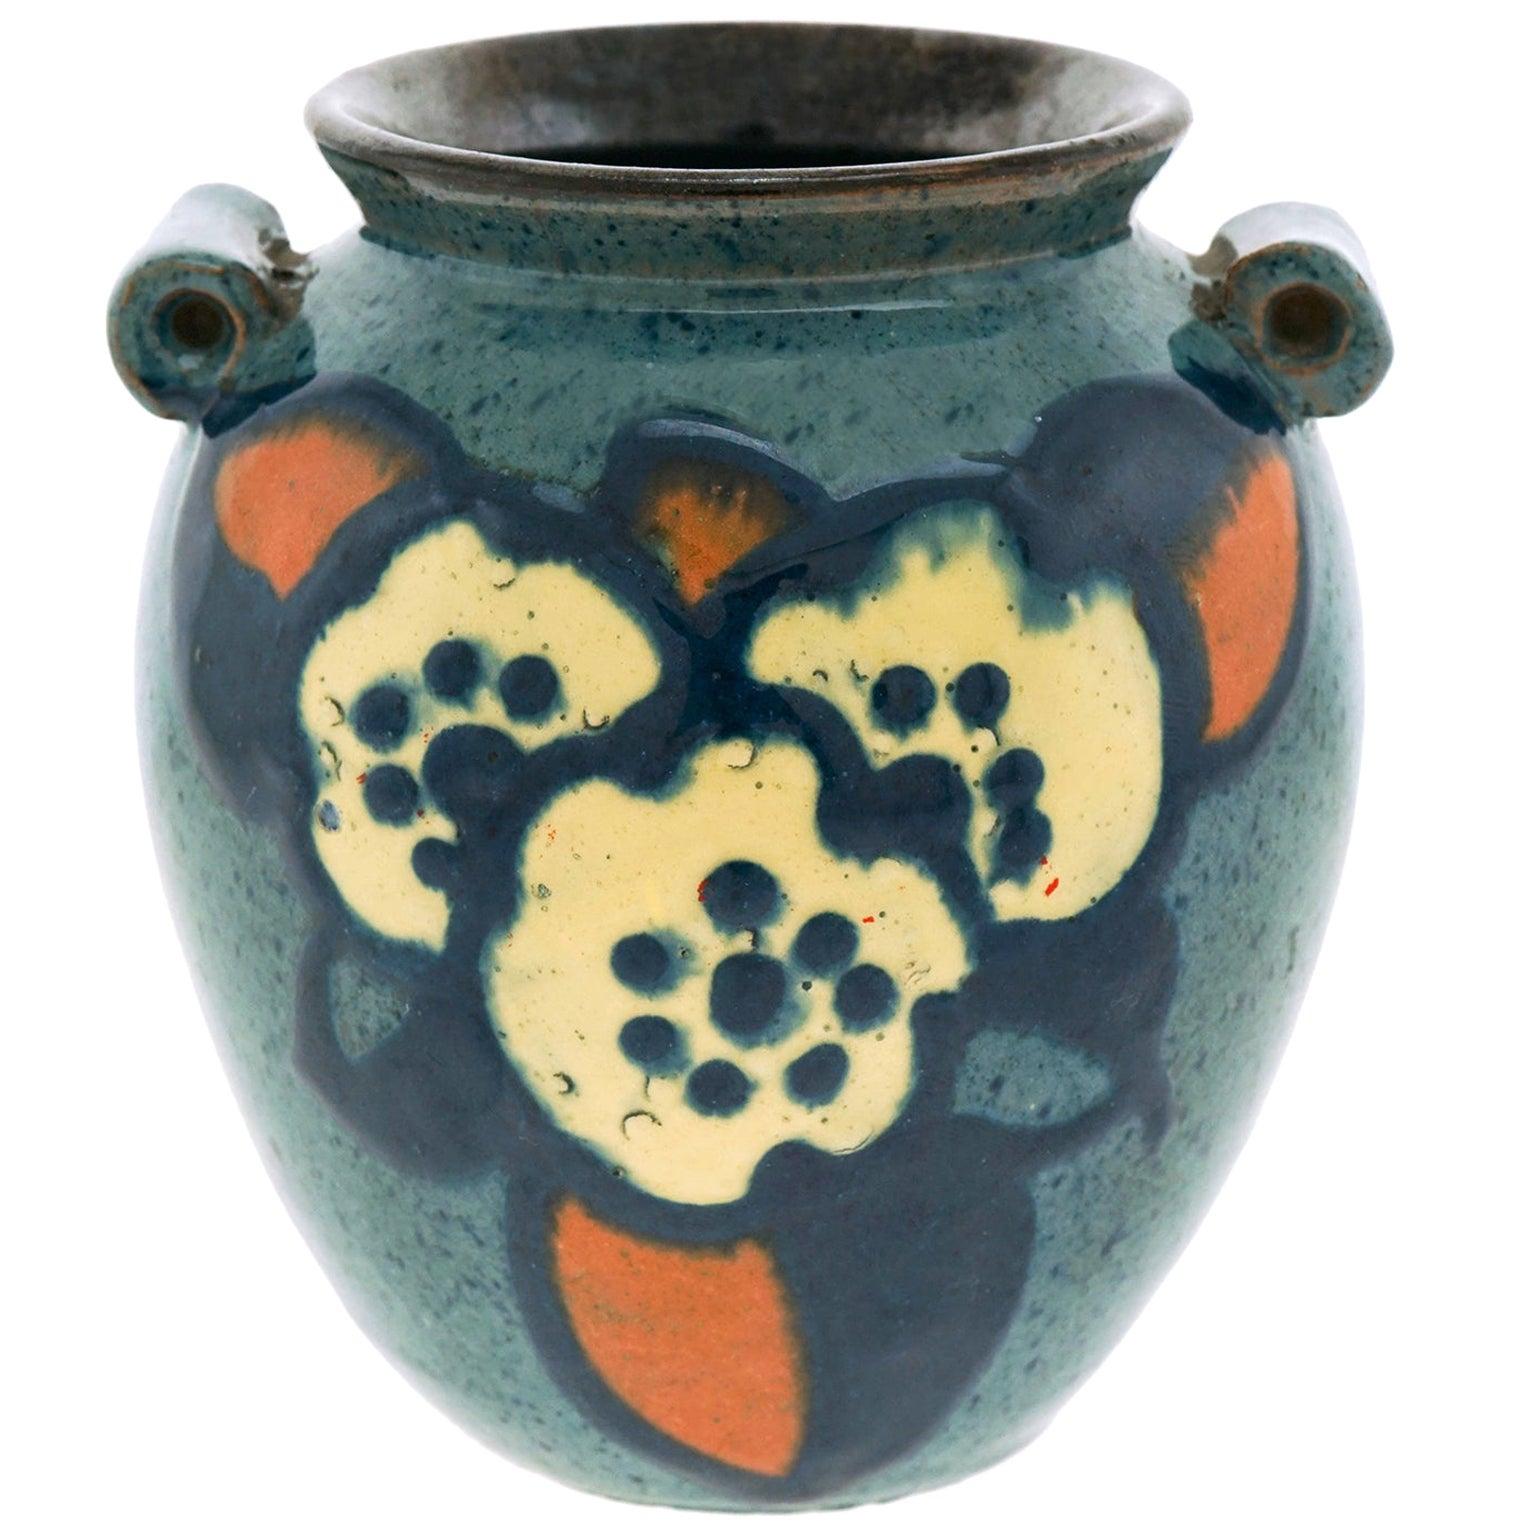 Art Deco Pottery Vase by Paul Jacquet